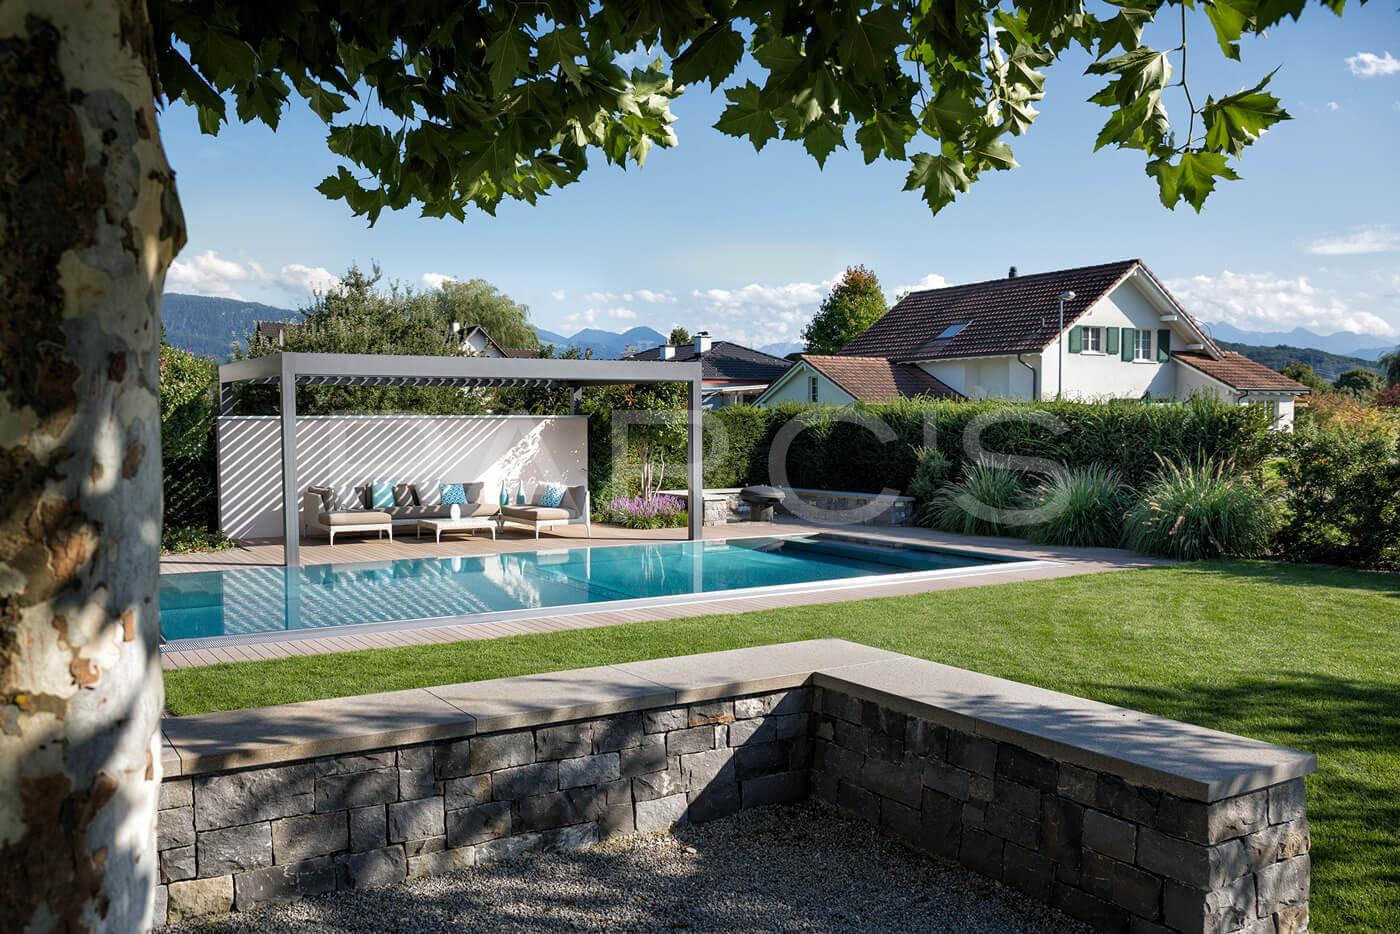 Wohnlicher garten mit pool parc 39 s gartengestaltung for Garten pool 8 eckig